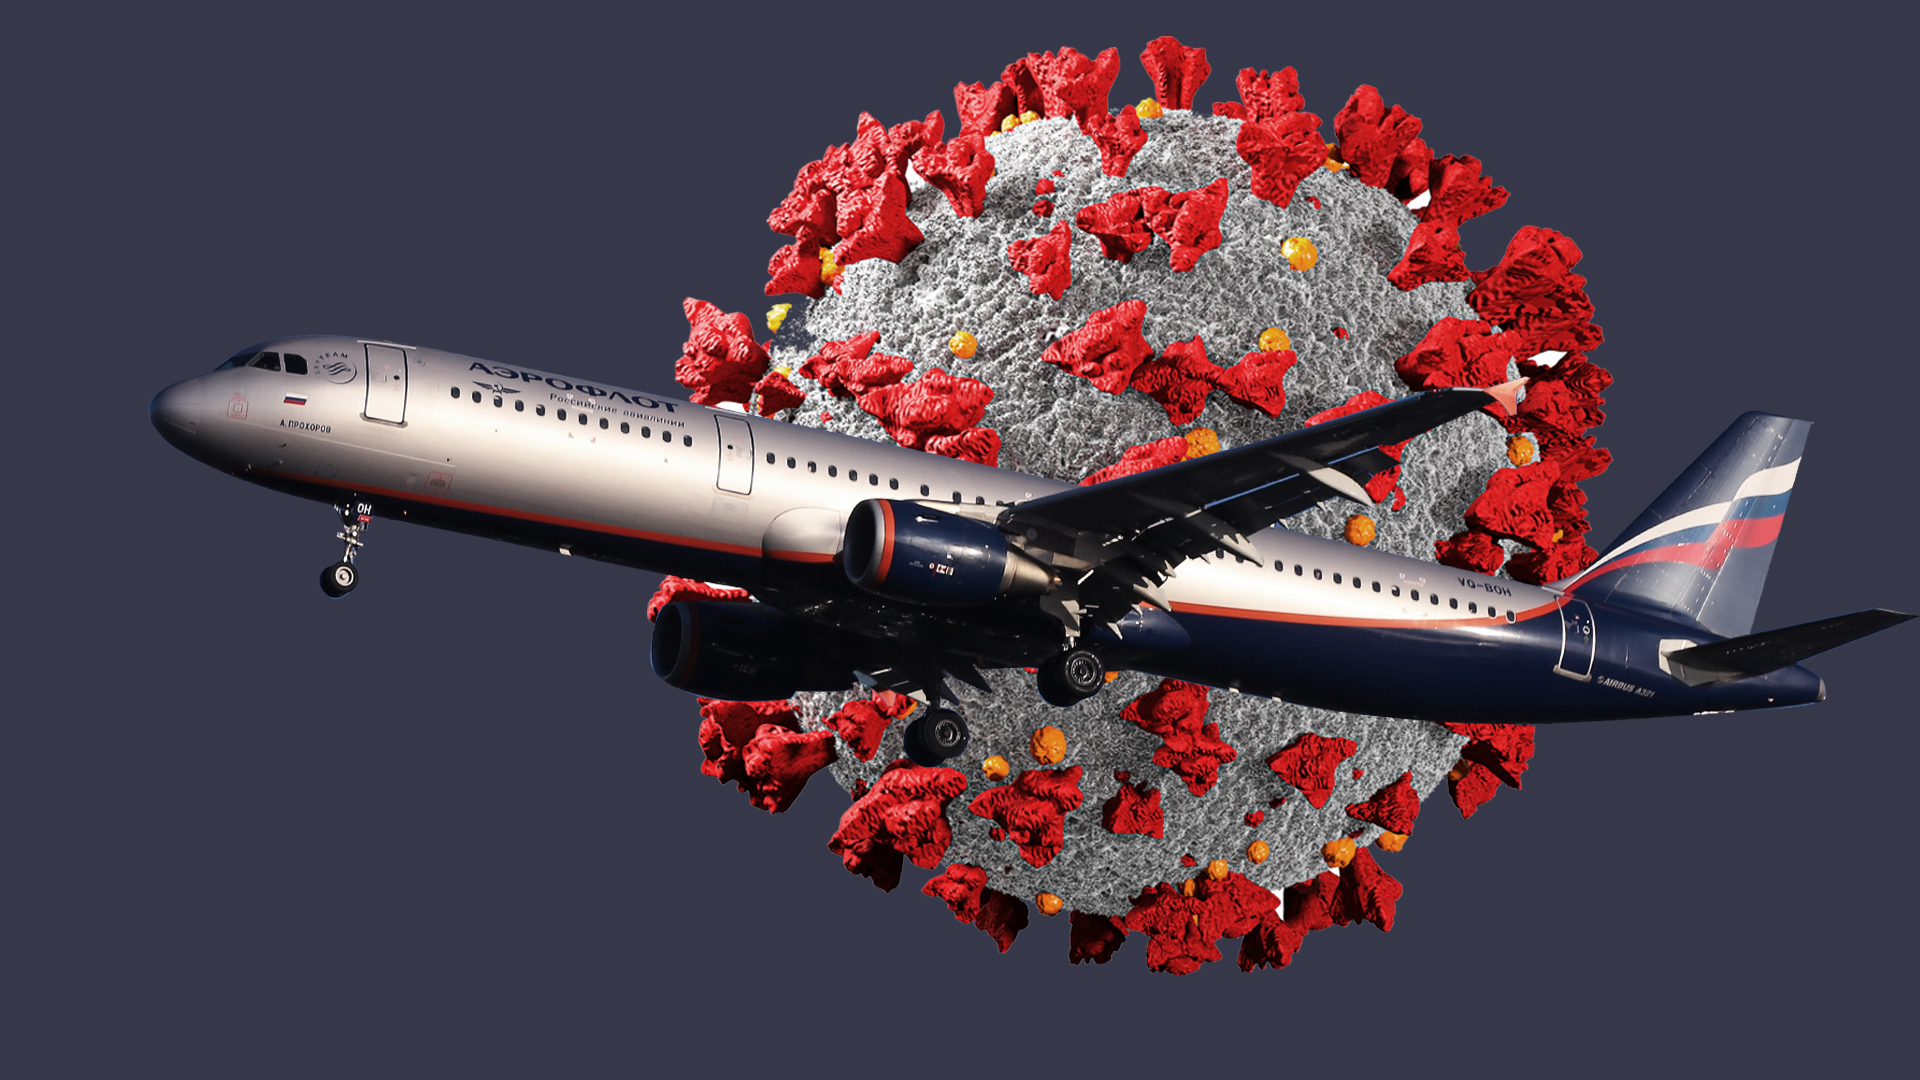 Вакцина от полётов: Почему пилоты Аэрофлота опасаются прививаться от CoViD